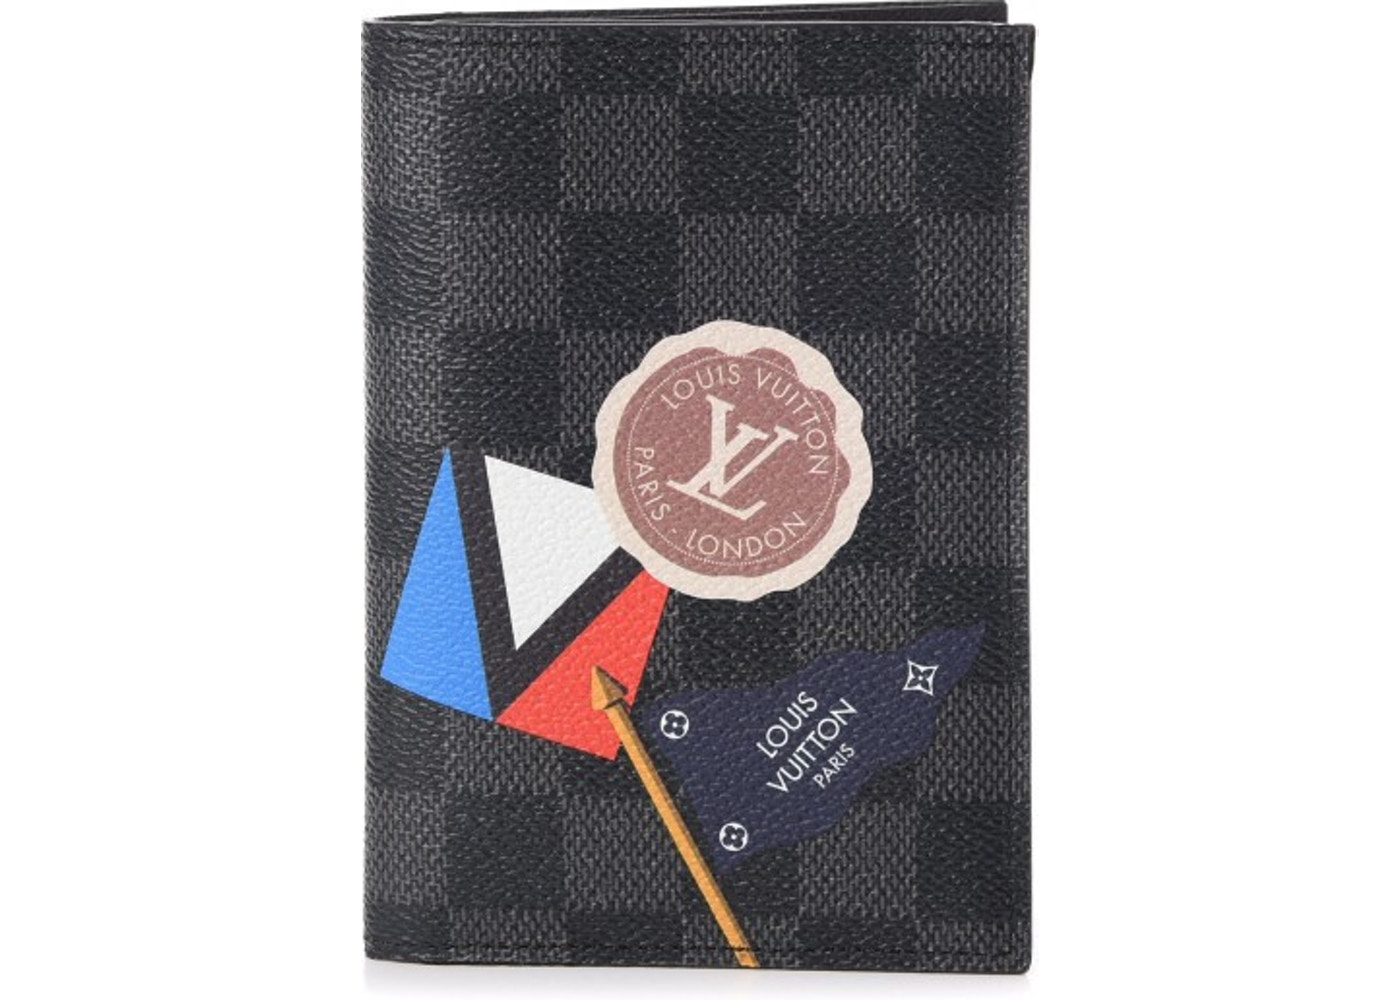 cfb18cafcdbc Louis Vuitton Passport Cover LV League Damier Graphite Black Multicolor.  Damier Graphite Black Multicolor